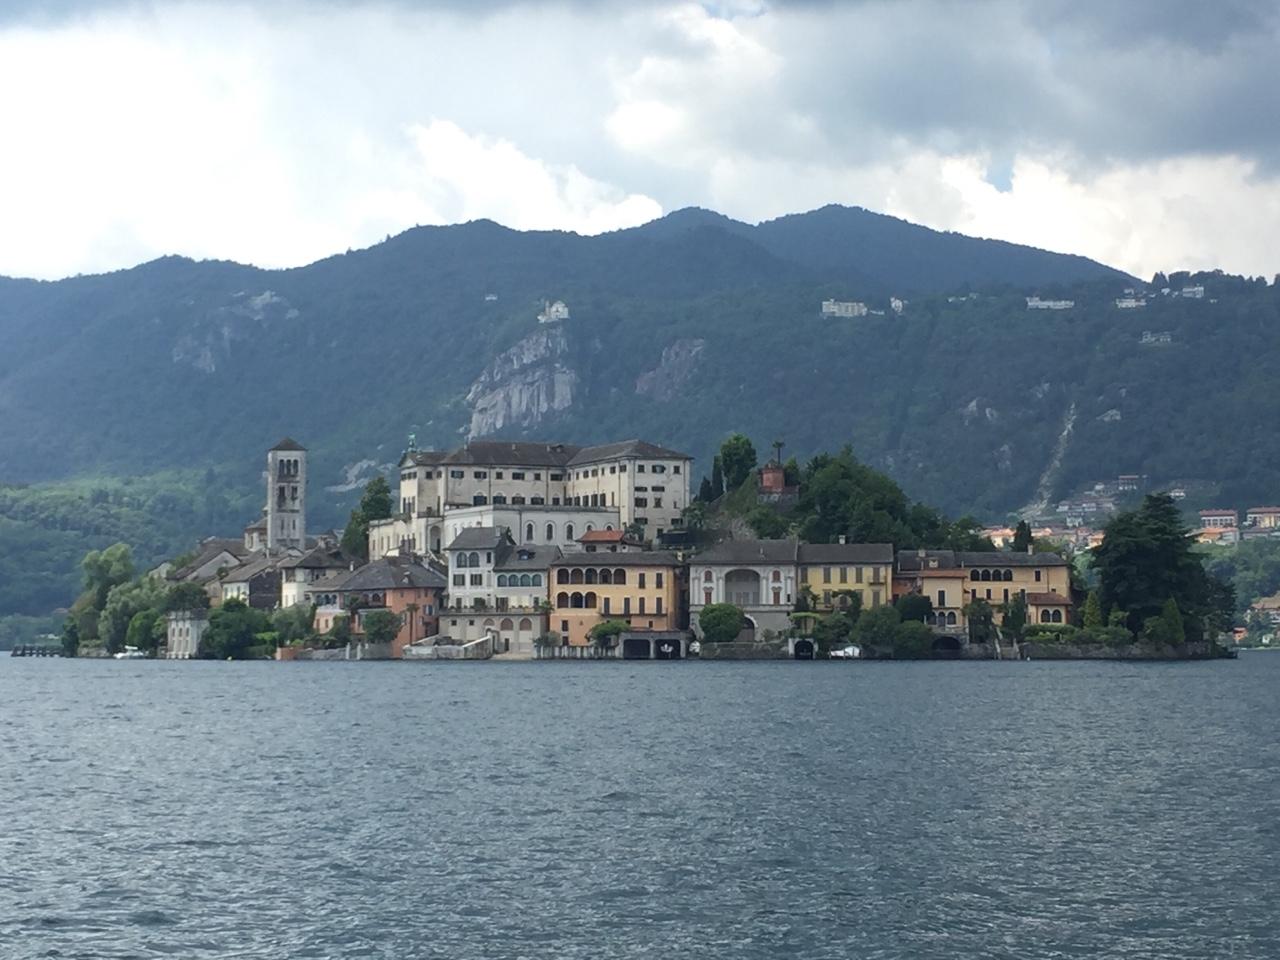 Go. Lake Orta,Italy